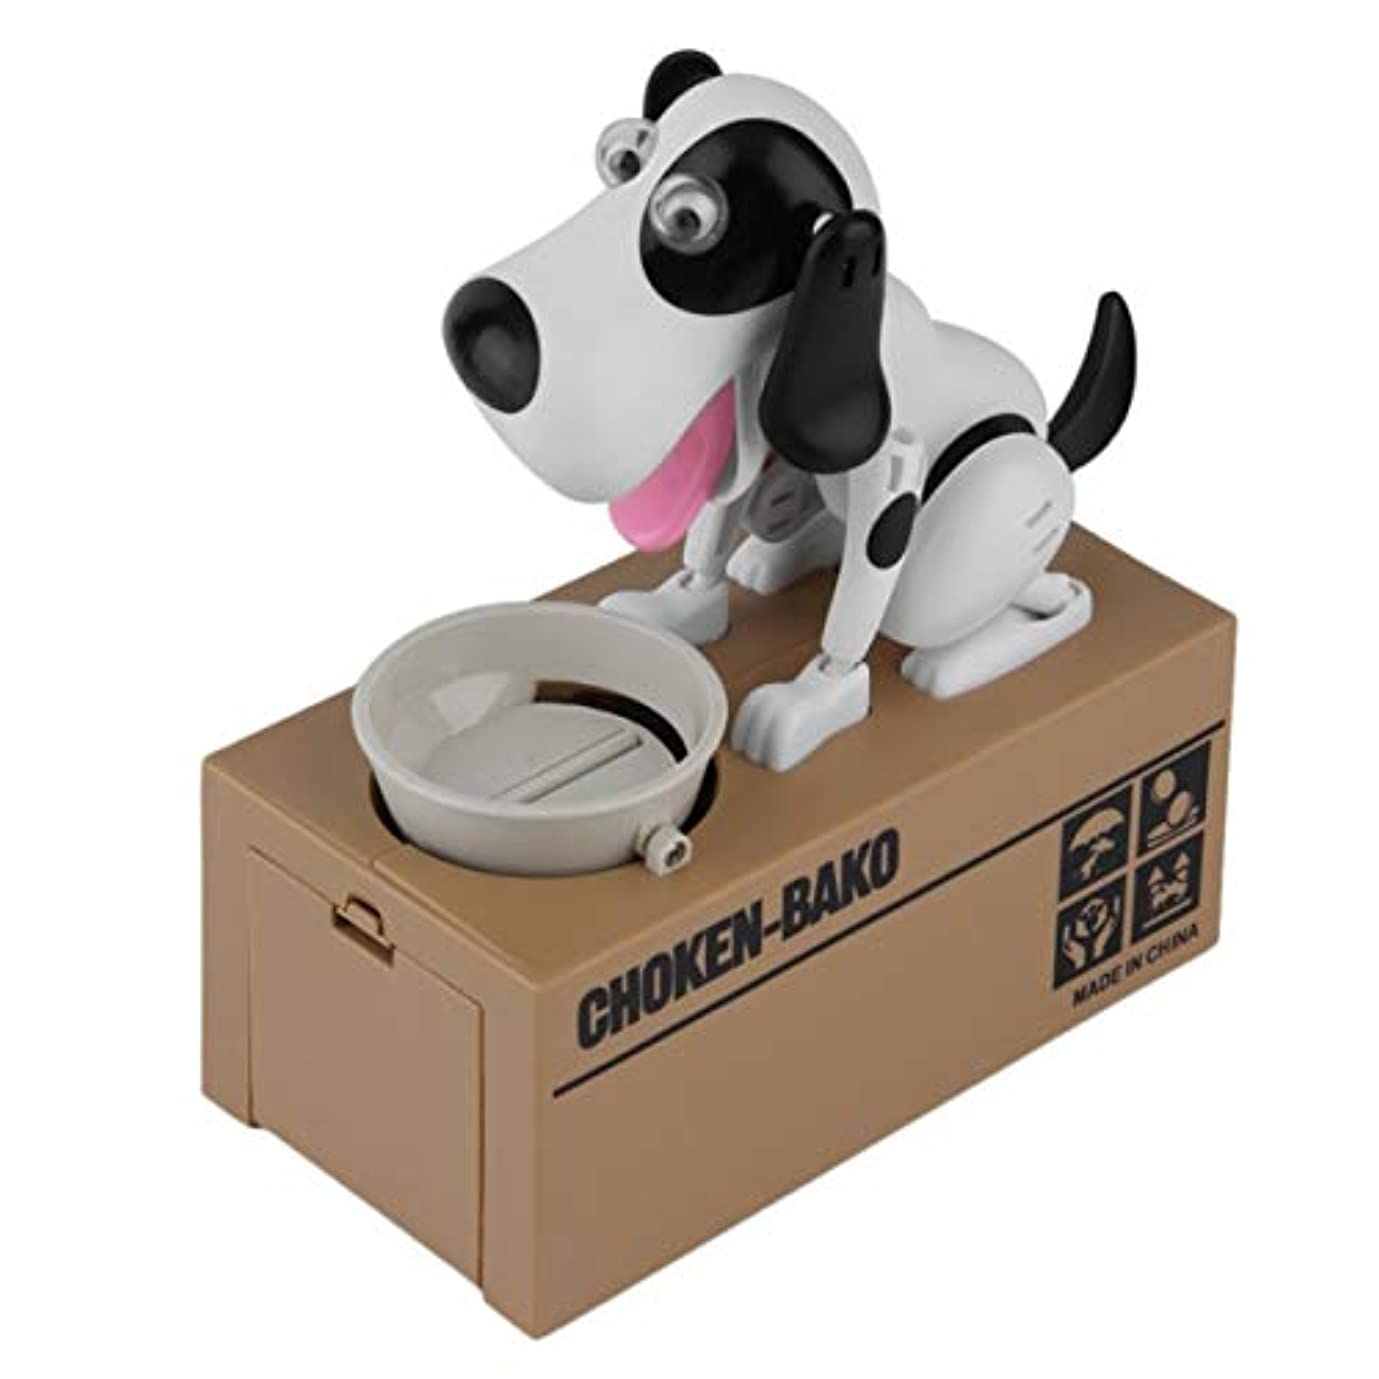 入学するアライアンス天文学Saikogoods 耐久性に優れたロボット犬貯金箱自動コインマネーバンクかわいい犬モデルマネーバンクマネーセービングボックスコインボックスを盗みました 黒+白